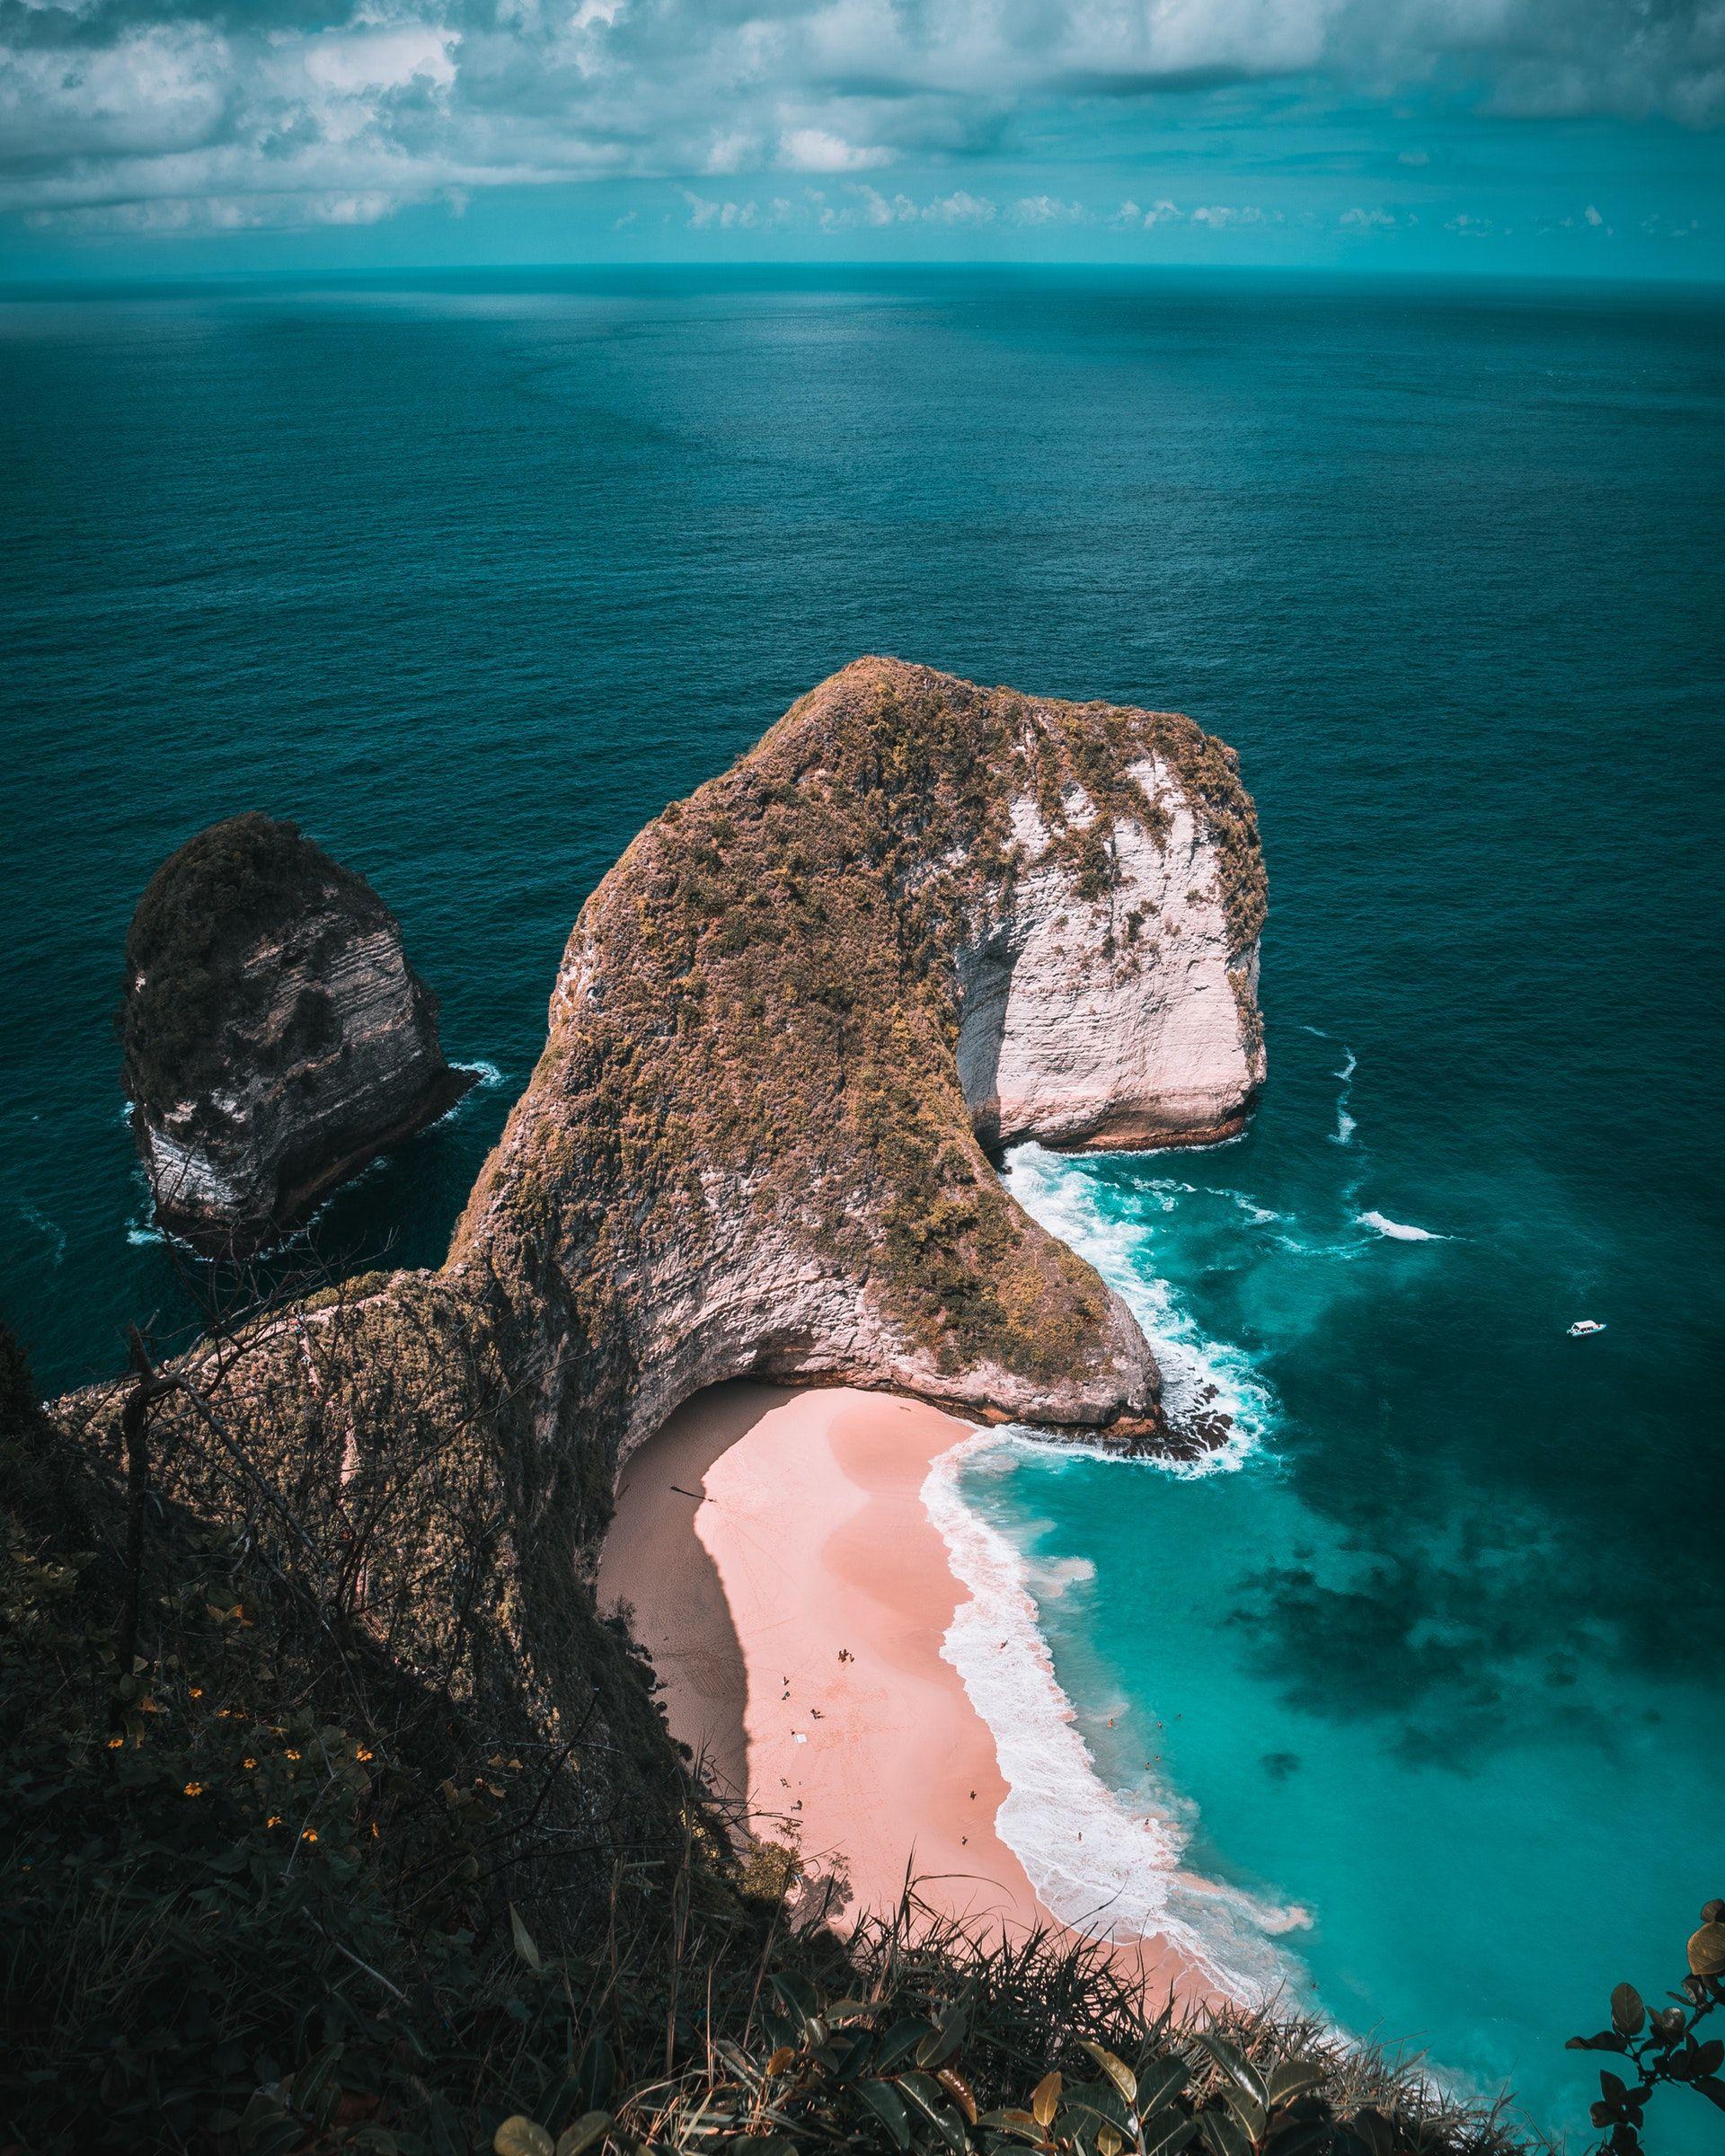 عکس زمینه نمای بالا از یک جزیره پس زمینه